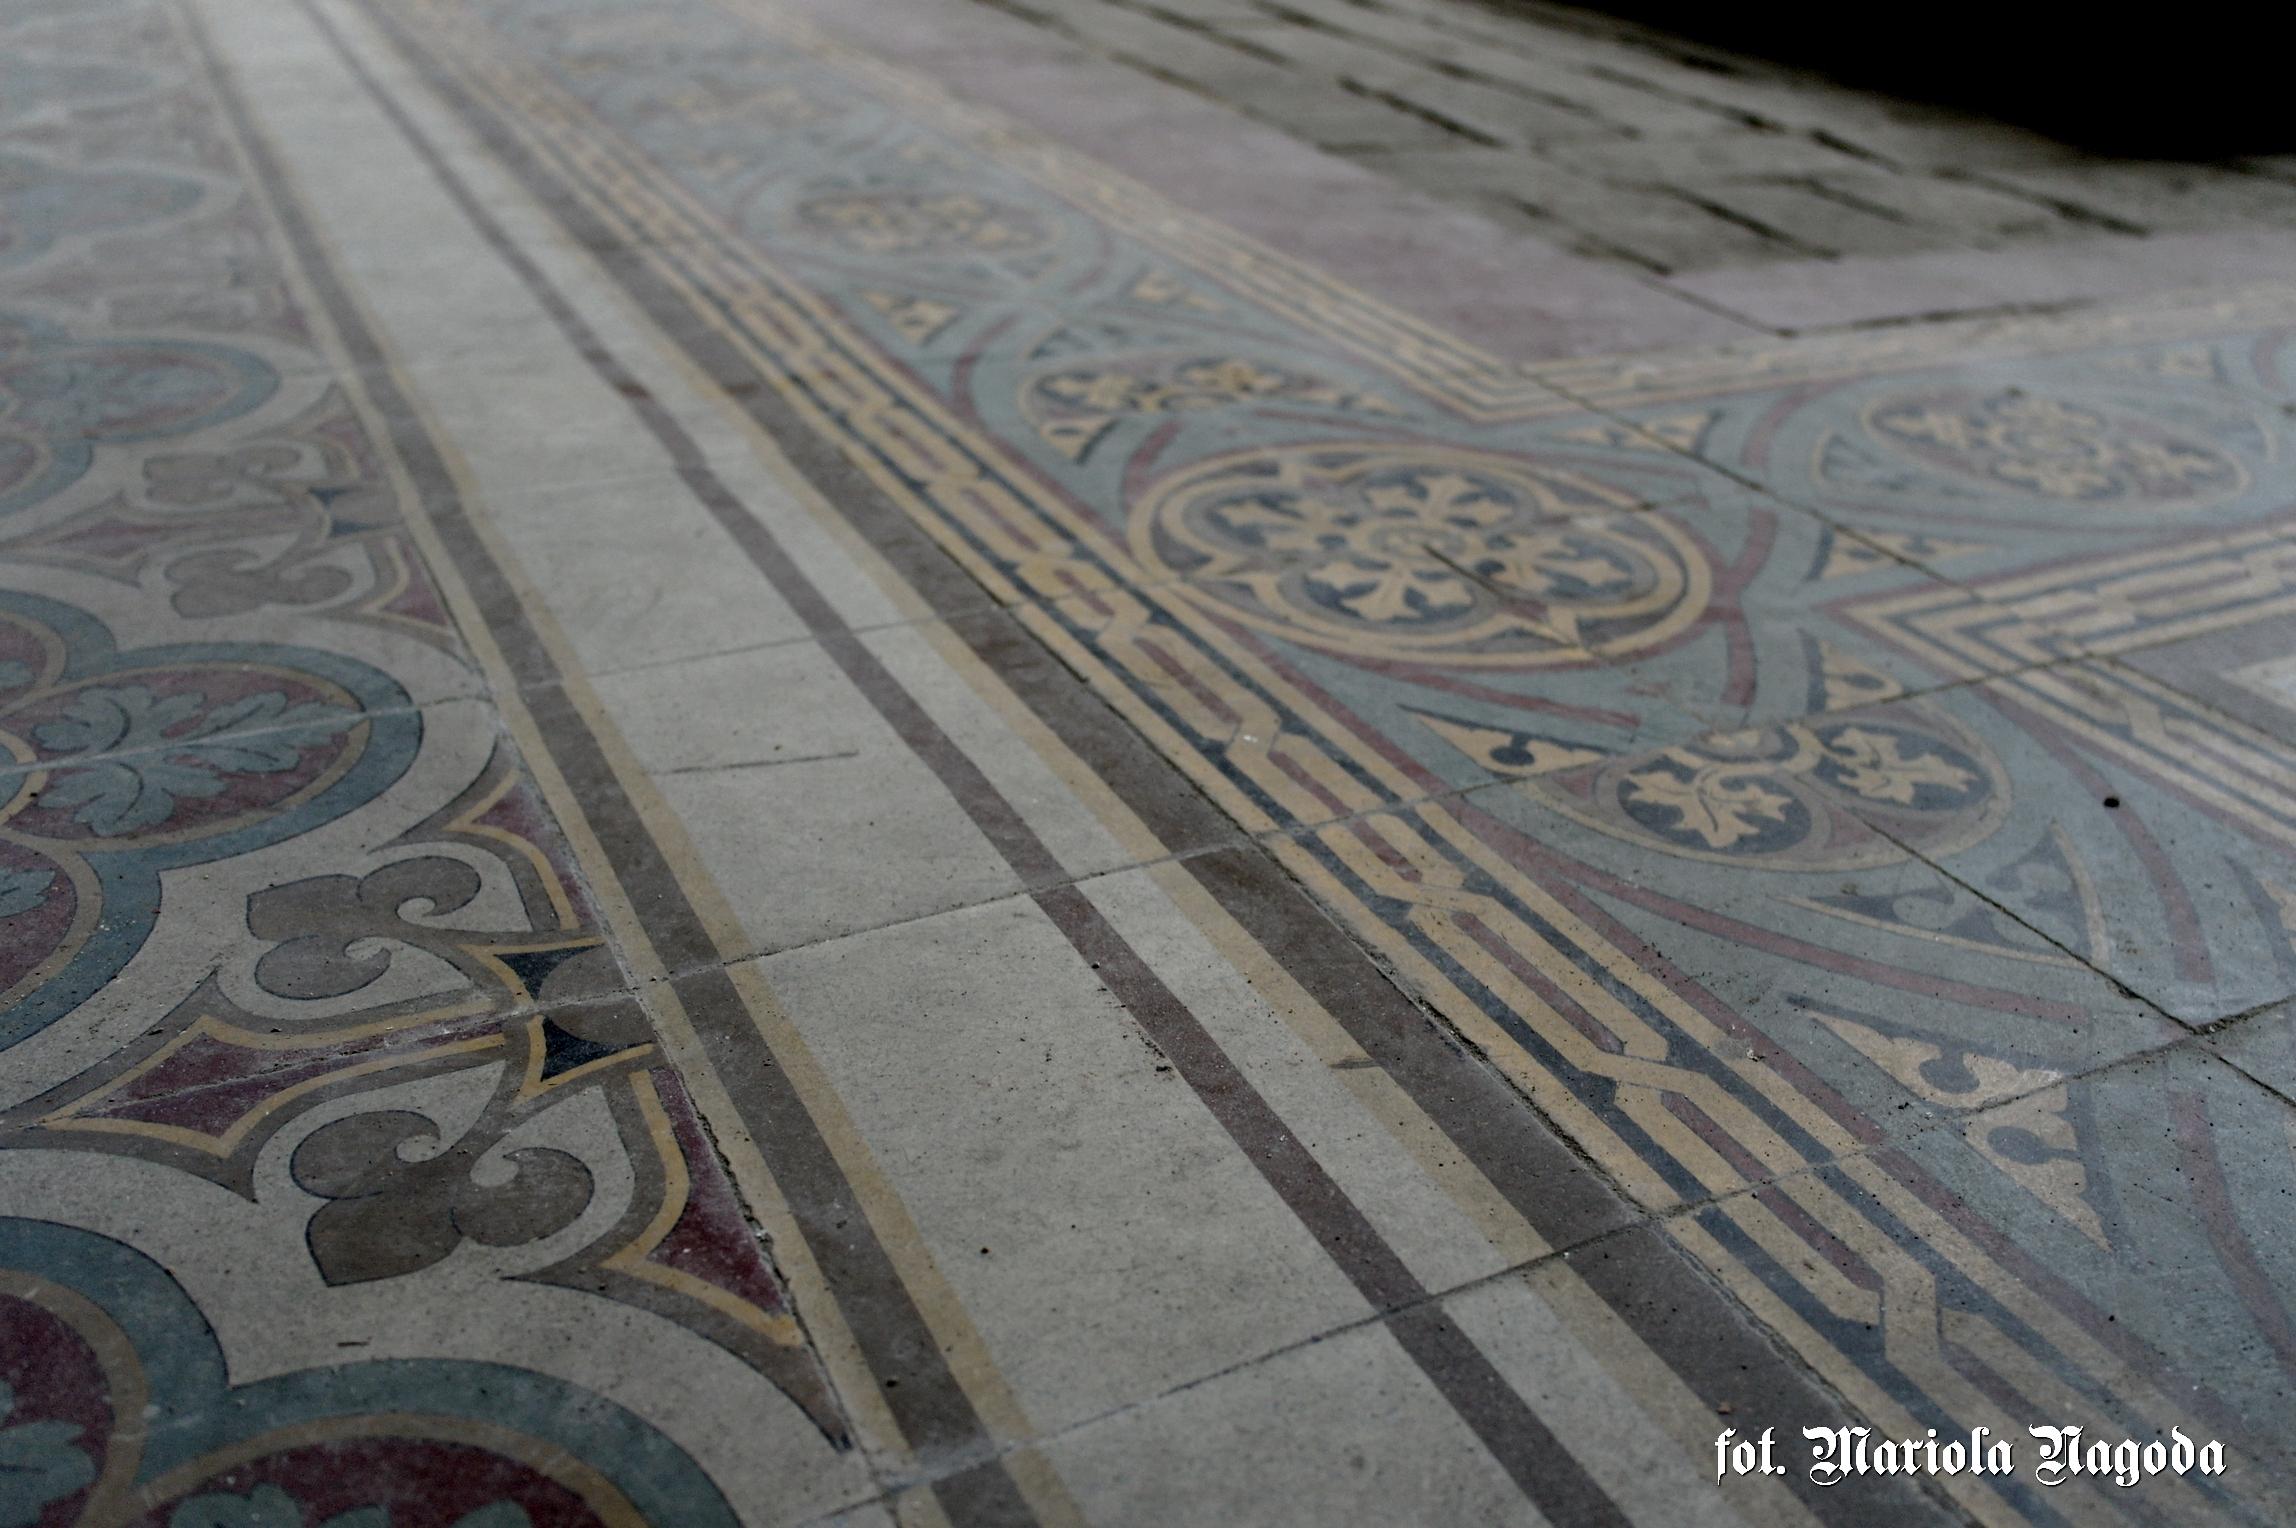 Oryginalna posadzka w kaplicy